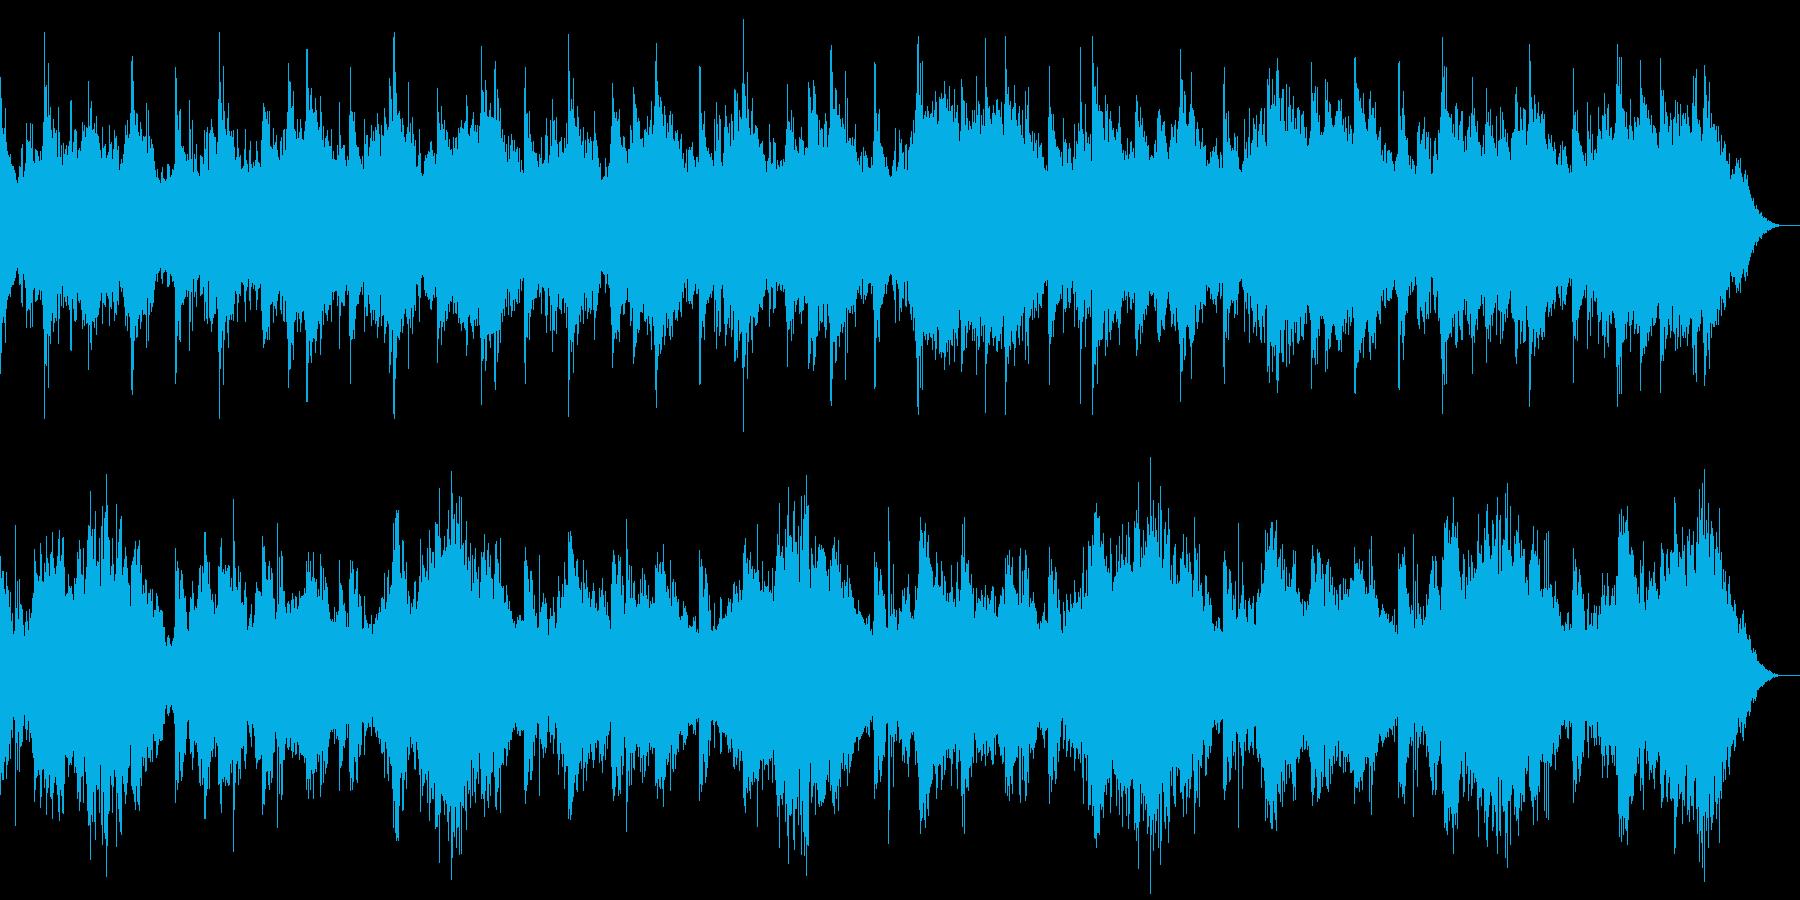 森の中にいるようなヒーリングミュージックの再生済みの波形